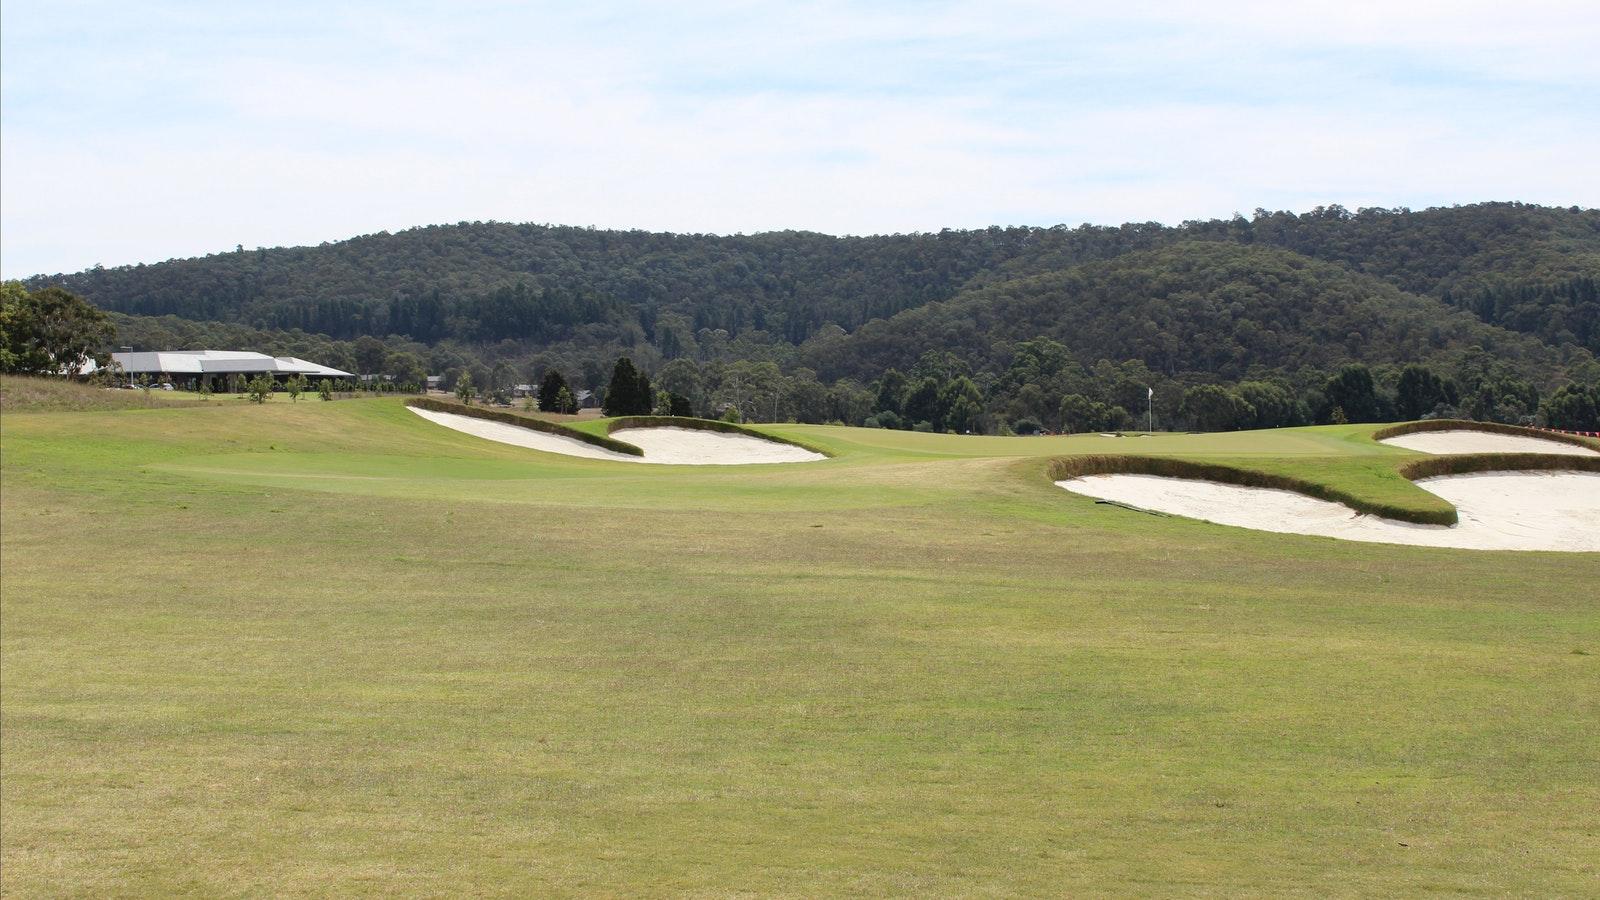 25th Hole of The Eastern Golf Club